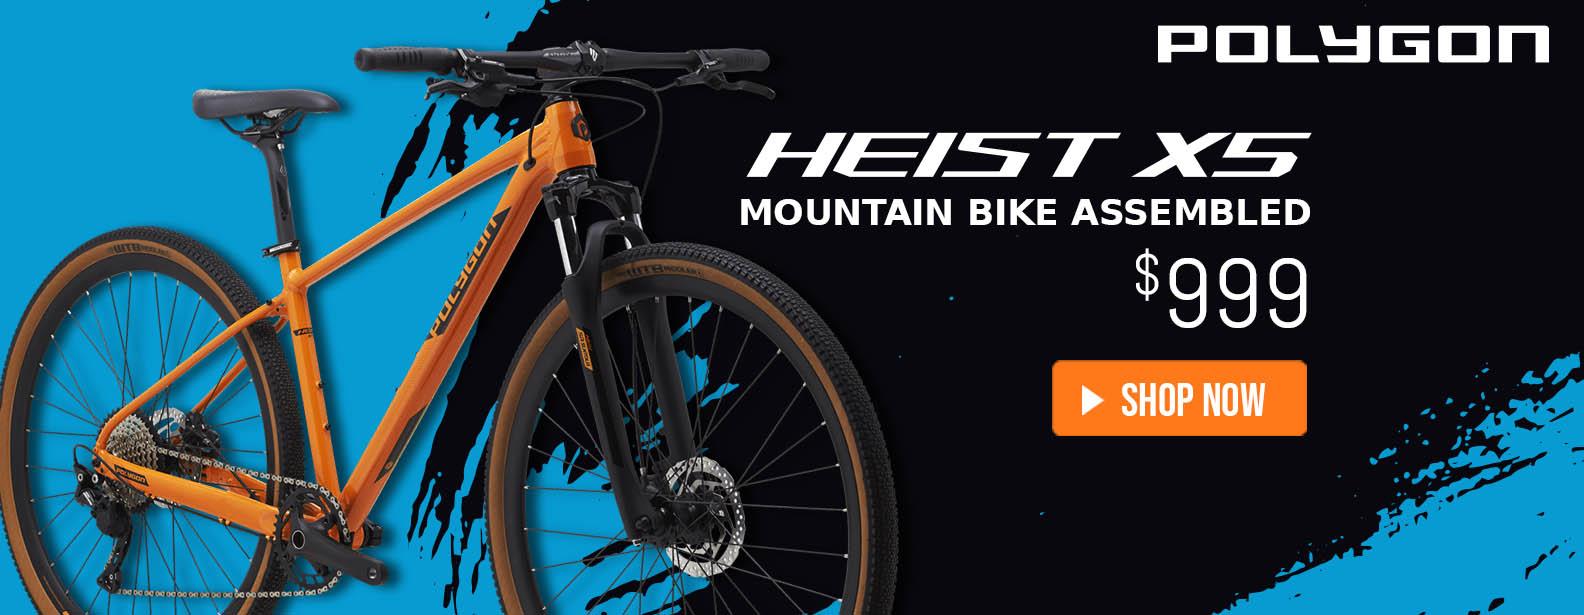 Polygon Heist X5 Urban Bike Assembled